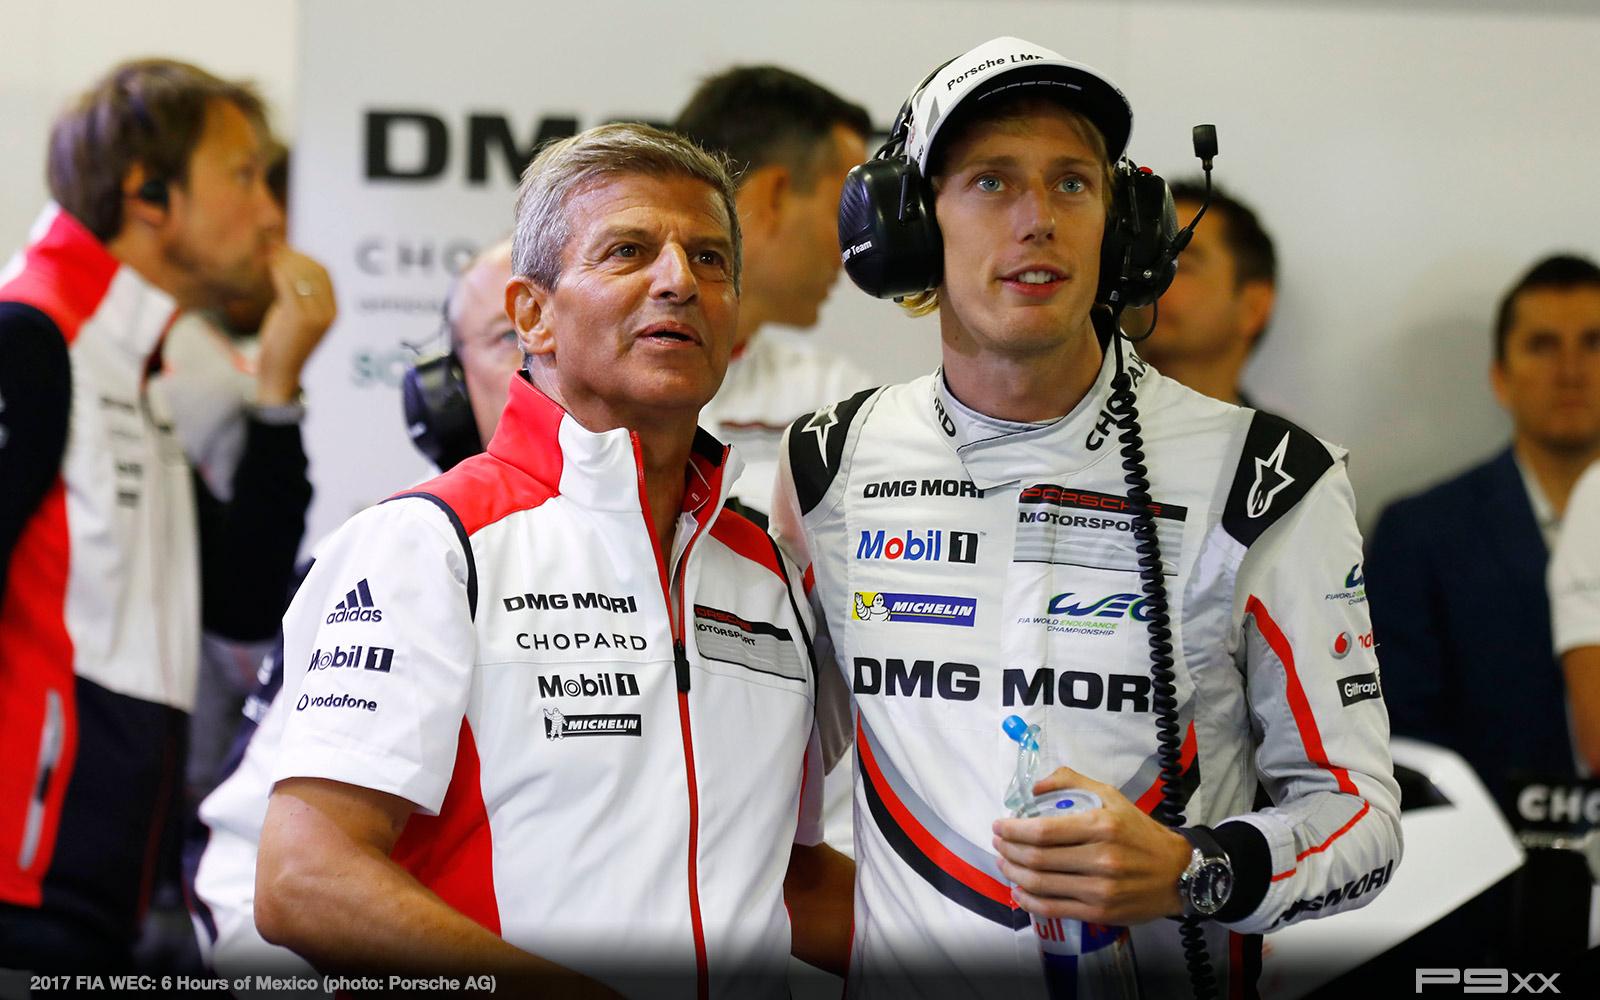 2017-FIA-WEC-6-HOURS-MEXICO-PORSCHE-1317